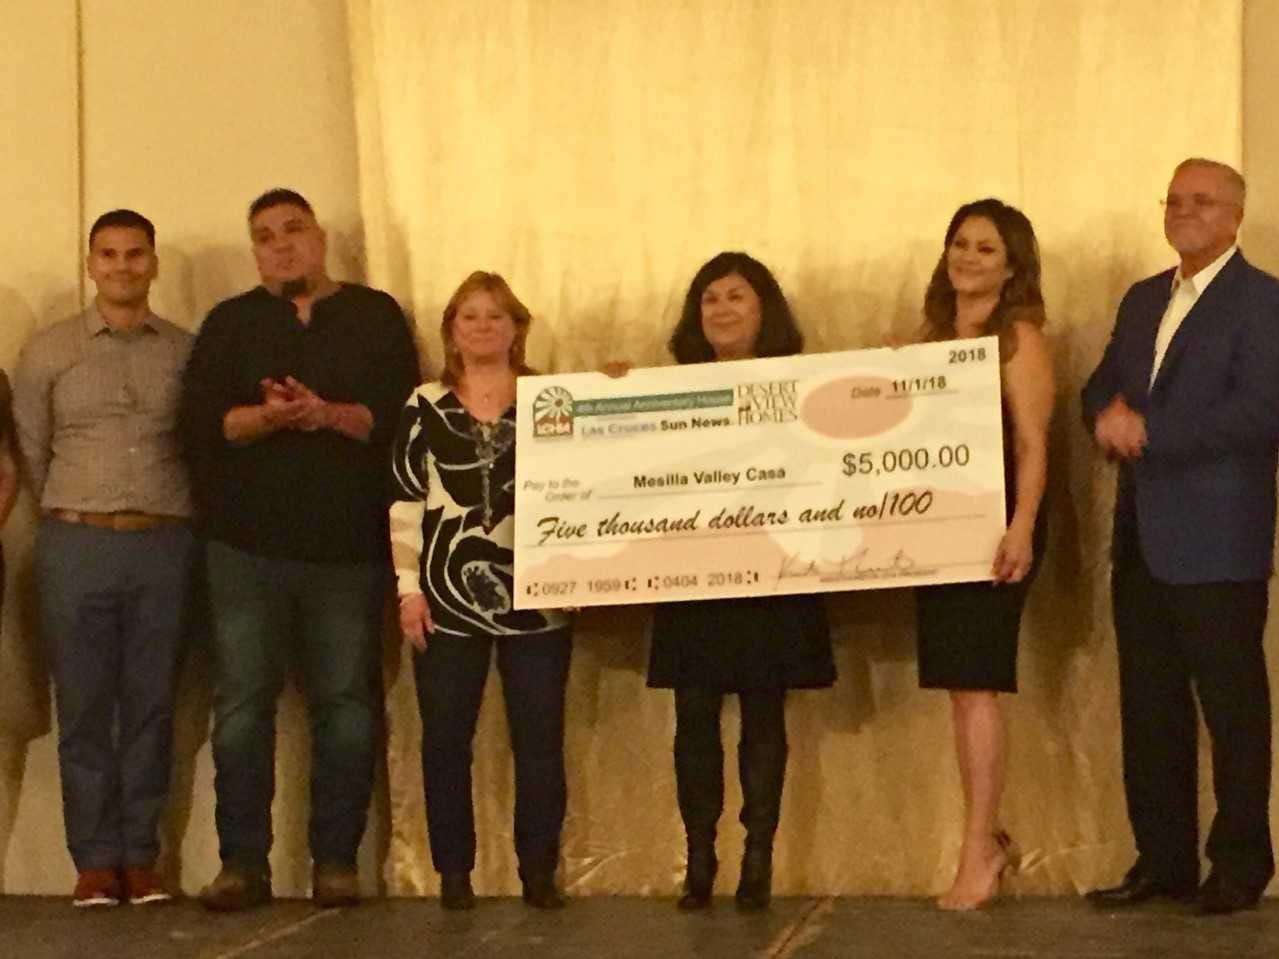 Mesilla Valley CASA, $5,000